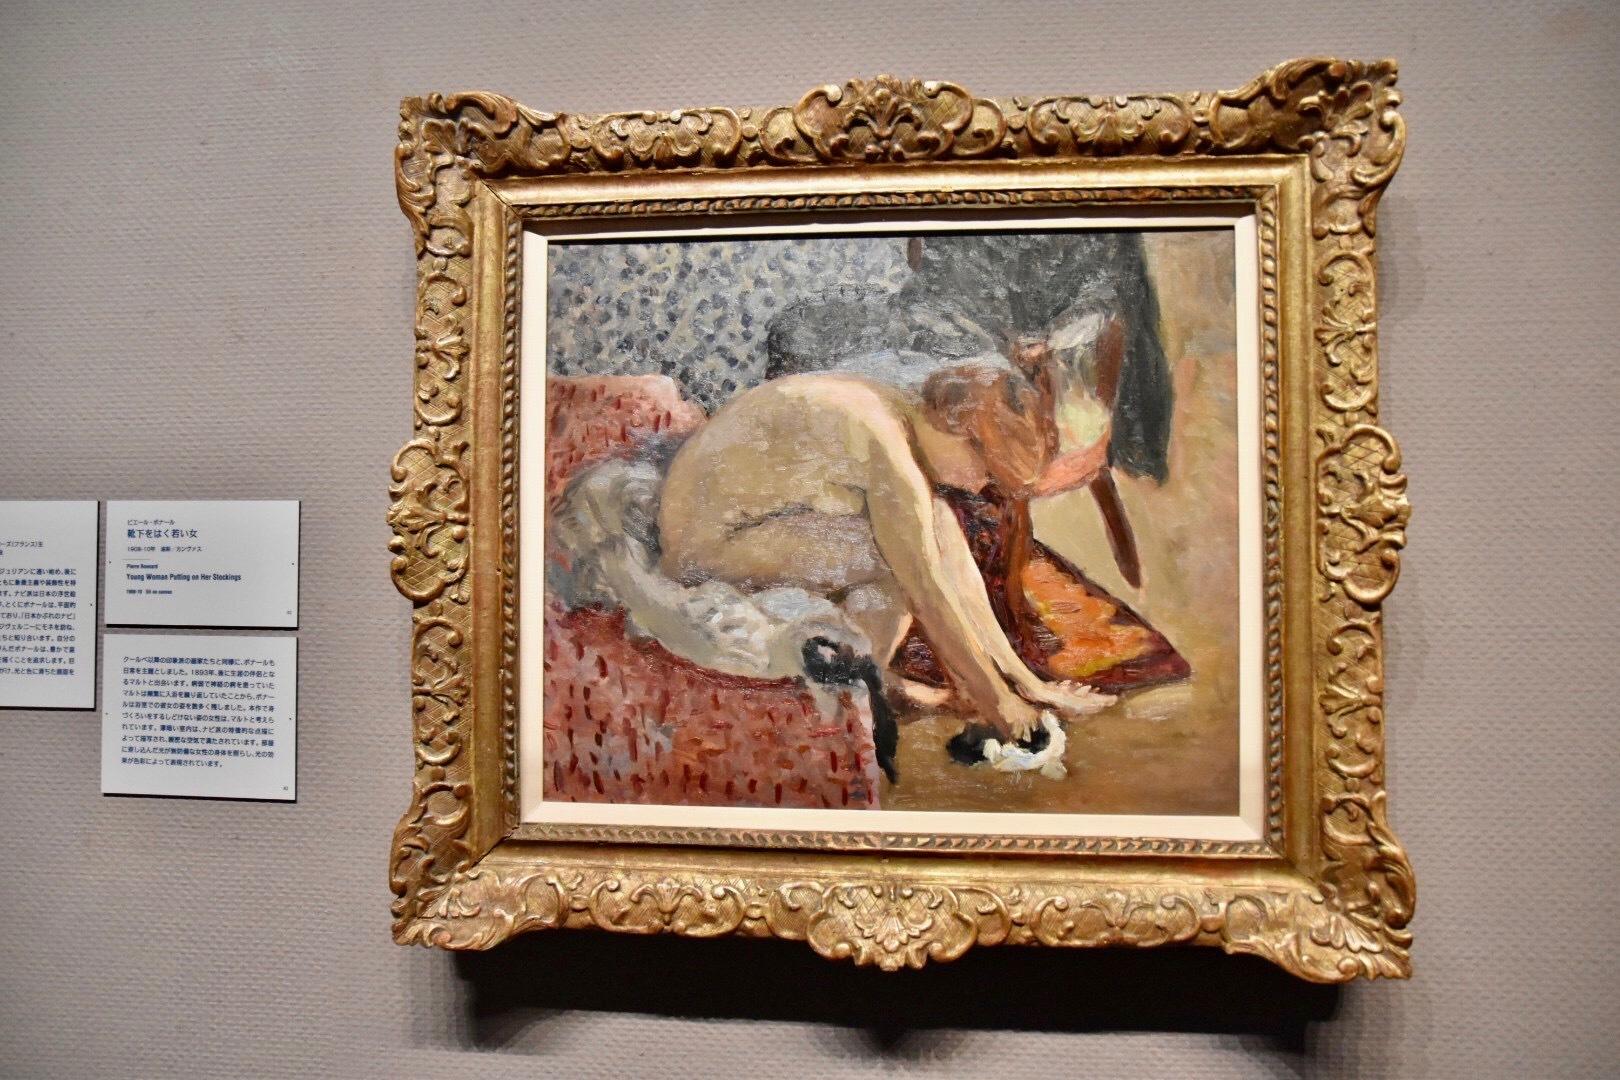 ピエール・ボナール 《靴下をはく若い女》 1908-10年 吉野石膏コレクション